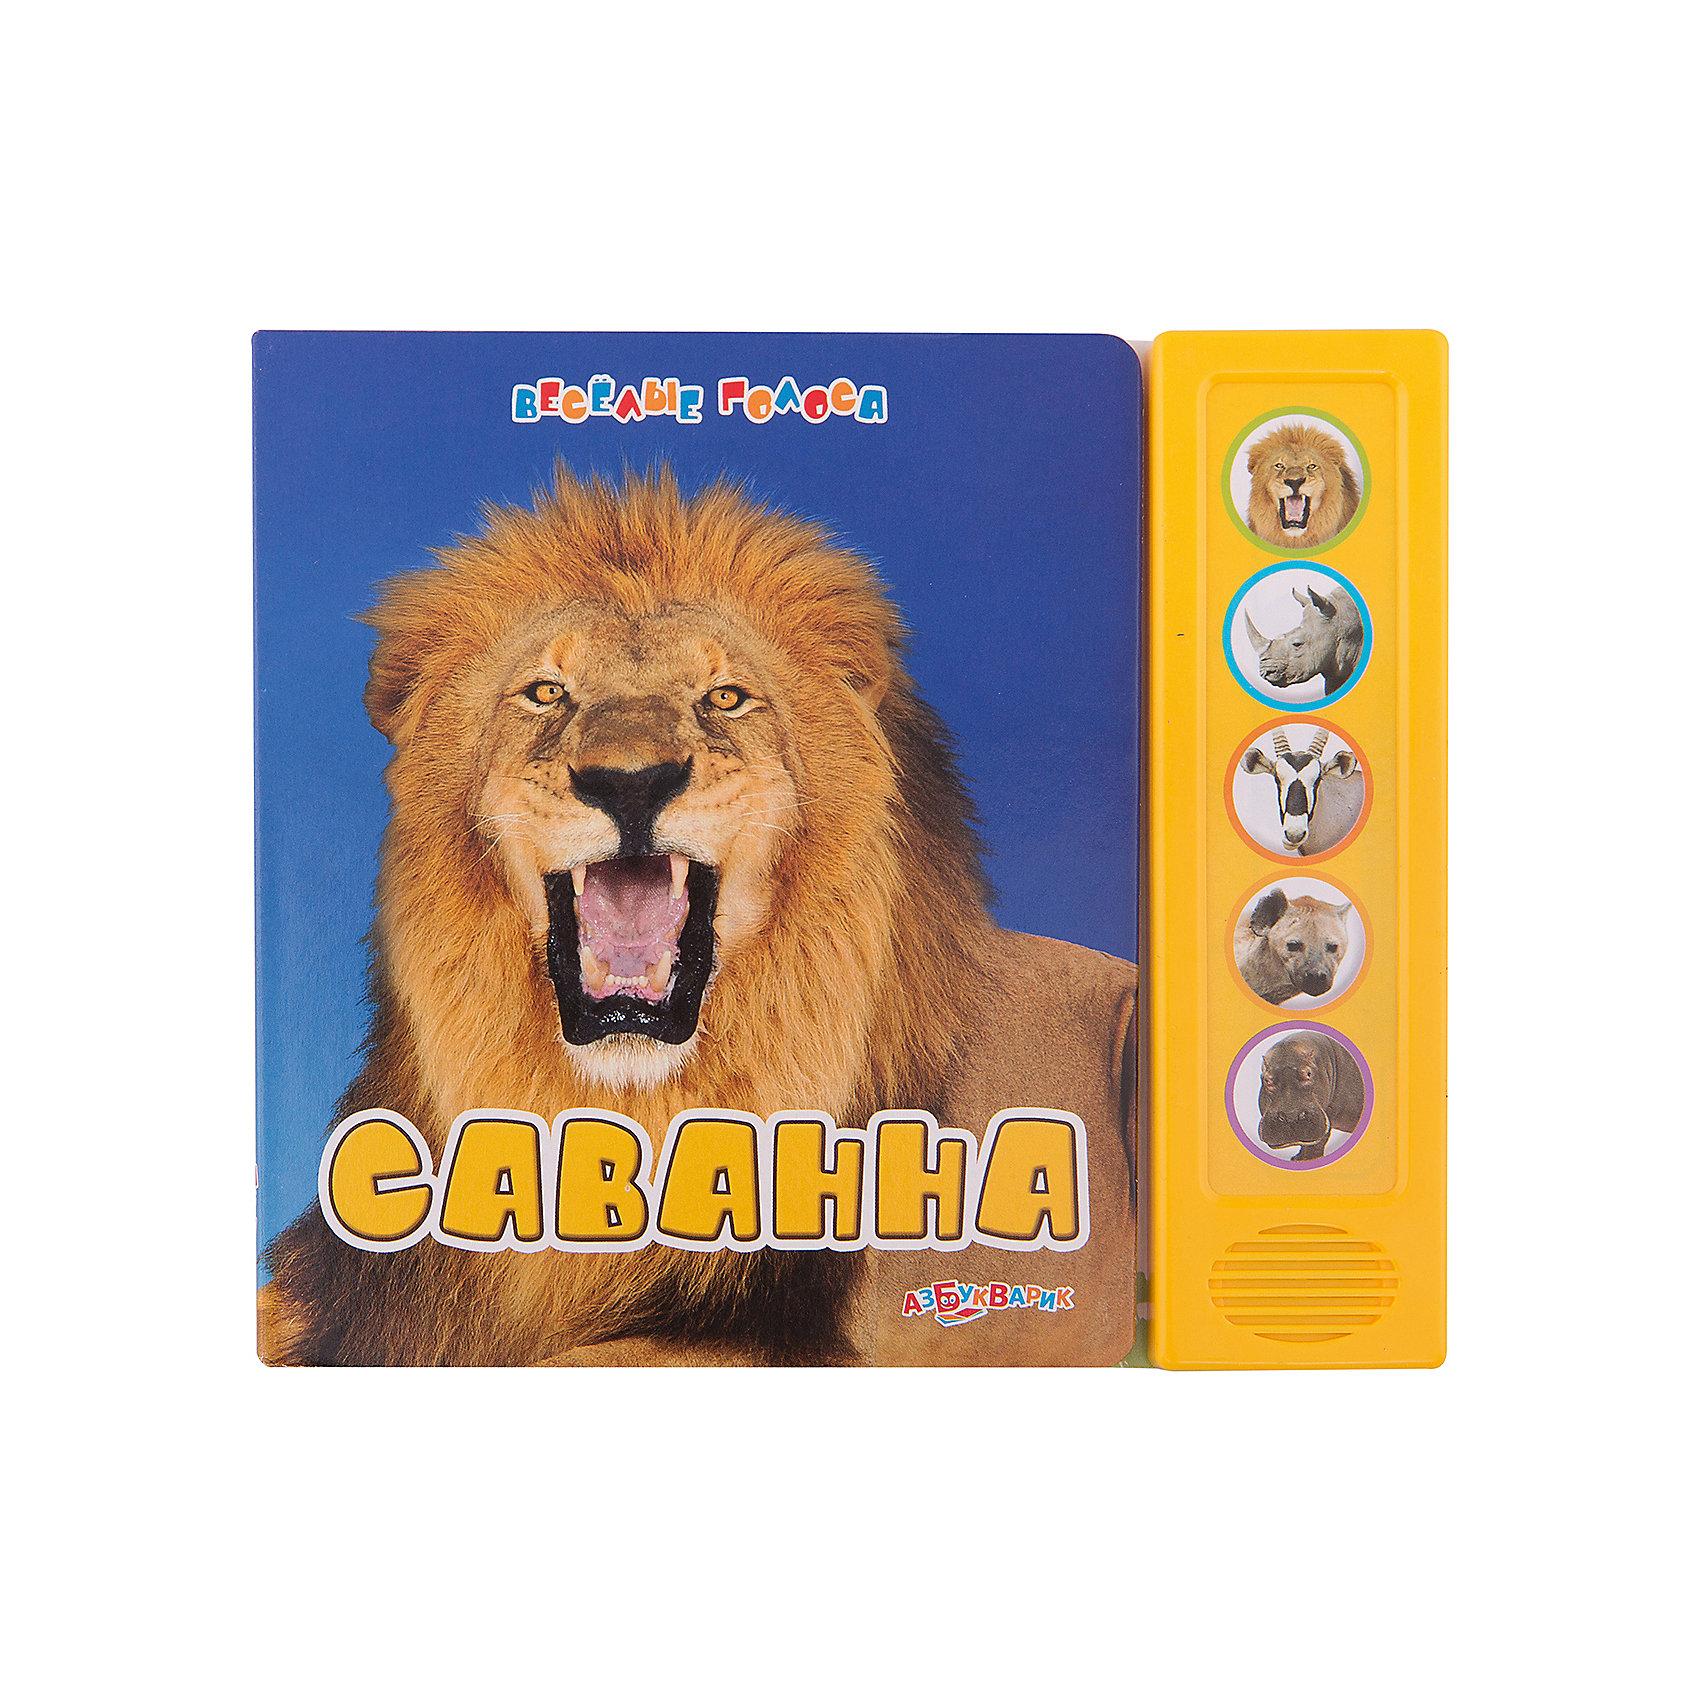 Книга со звуковым модулем СаваннаМузыкальные книги<br>Эта яркая книжка со звуковым модулем обязательно понравится ребенку и надолго увлечет его. Красочные иллюстрации и забавные звуки расскажут малышам об обитателях саванны.<br>Плотная обложка и картонные страницы идеально подойдут даже для самых юных и активных читателей. <br><br>Дополнительная информация:<br><br>- Формат: 20х17,5 см.<br>- Количество страниц: 10.<br>- Обложка: твердая.<br>- Иллюстрации: цветные.<br>- Плотные картонные страницы. <br>- Звуковой модуль. <br>- Элемент питания: батарейки ( AG13/LR44), в комплекте. <br><br>Книгу со звуковым модулем Саванна можно купить в нашем магазине.<br><br>Ширина мм: 20<br>Глубина мм: 17<br>Высота мм: 20<br>Вес г: 260<br>Возраст от месяцев: 24<br>Возраст до месяцев: 48<br>Пол: Унисекс<br>Возраст: Детский<br>SKU: 4951814